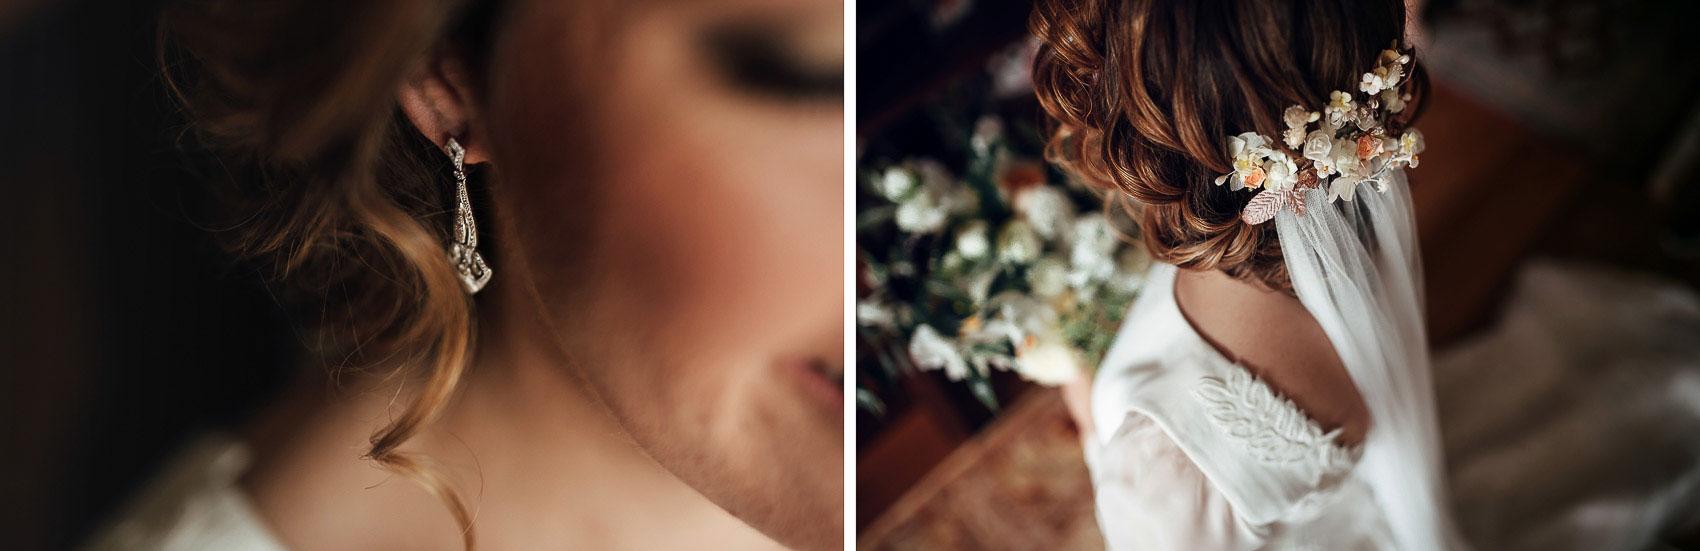 fotografia boda novia detalle tocado velo pendientes